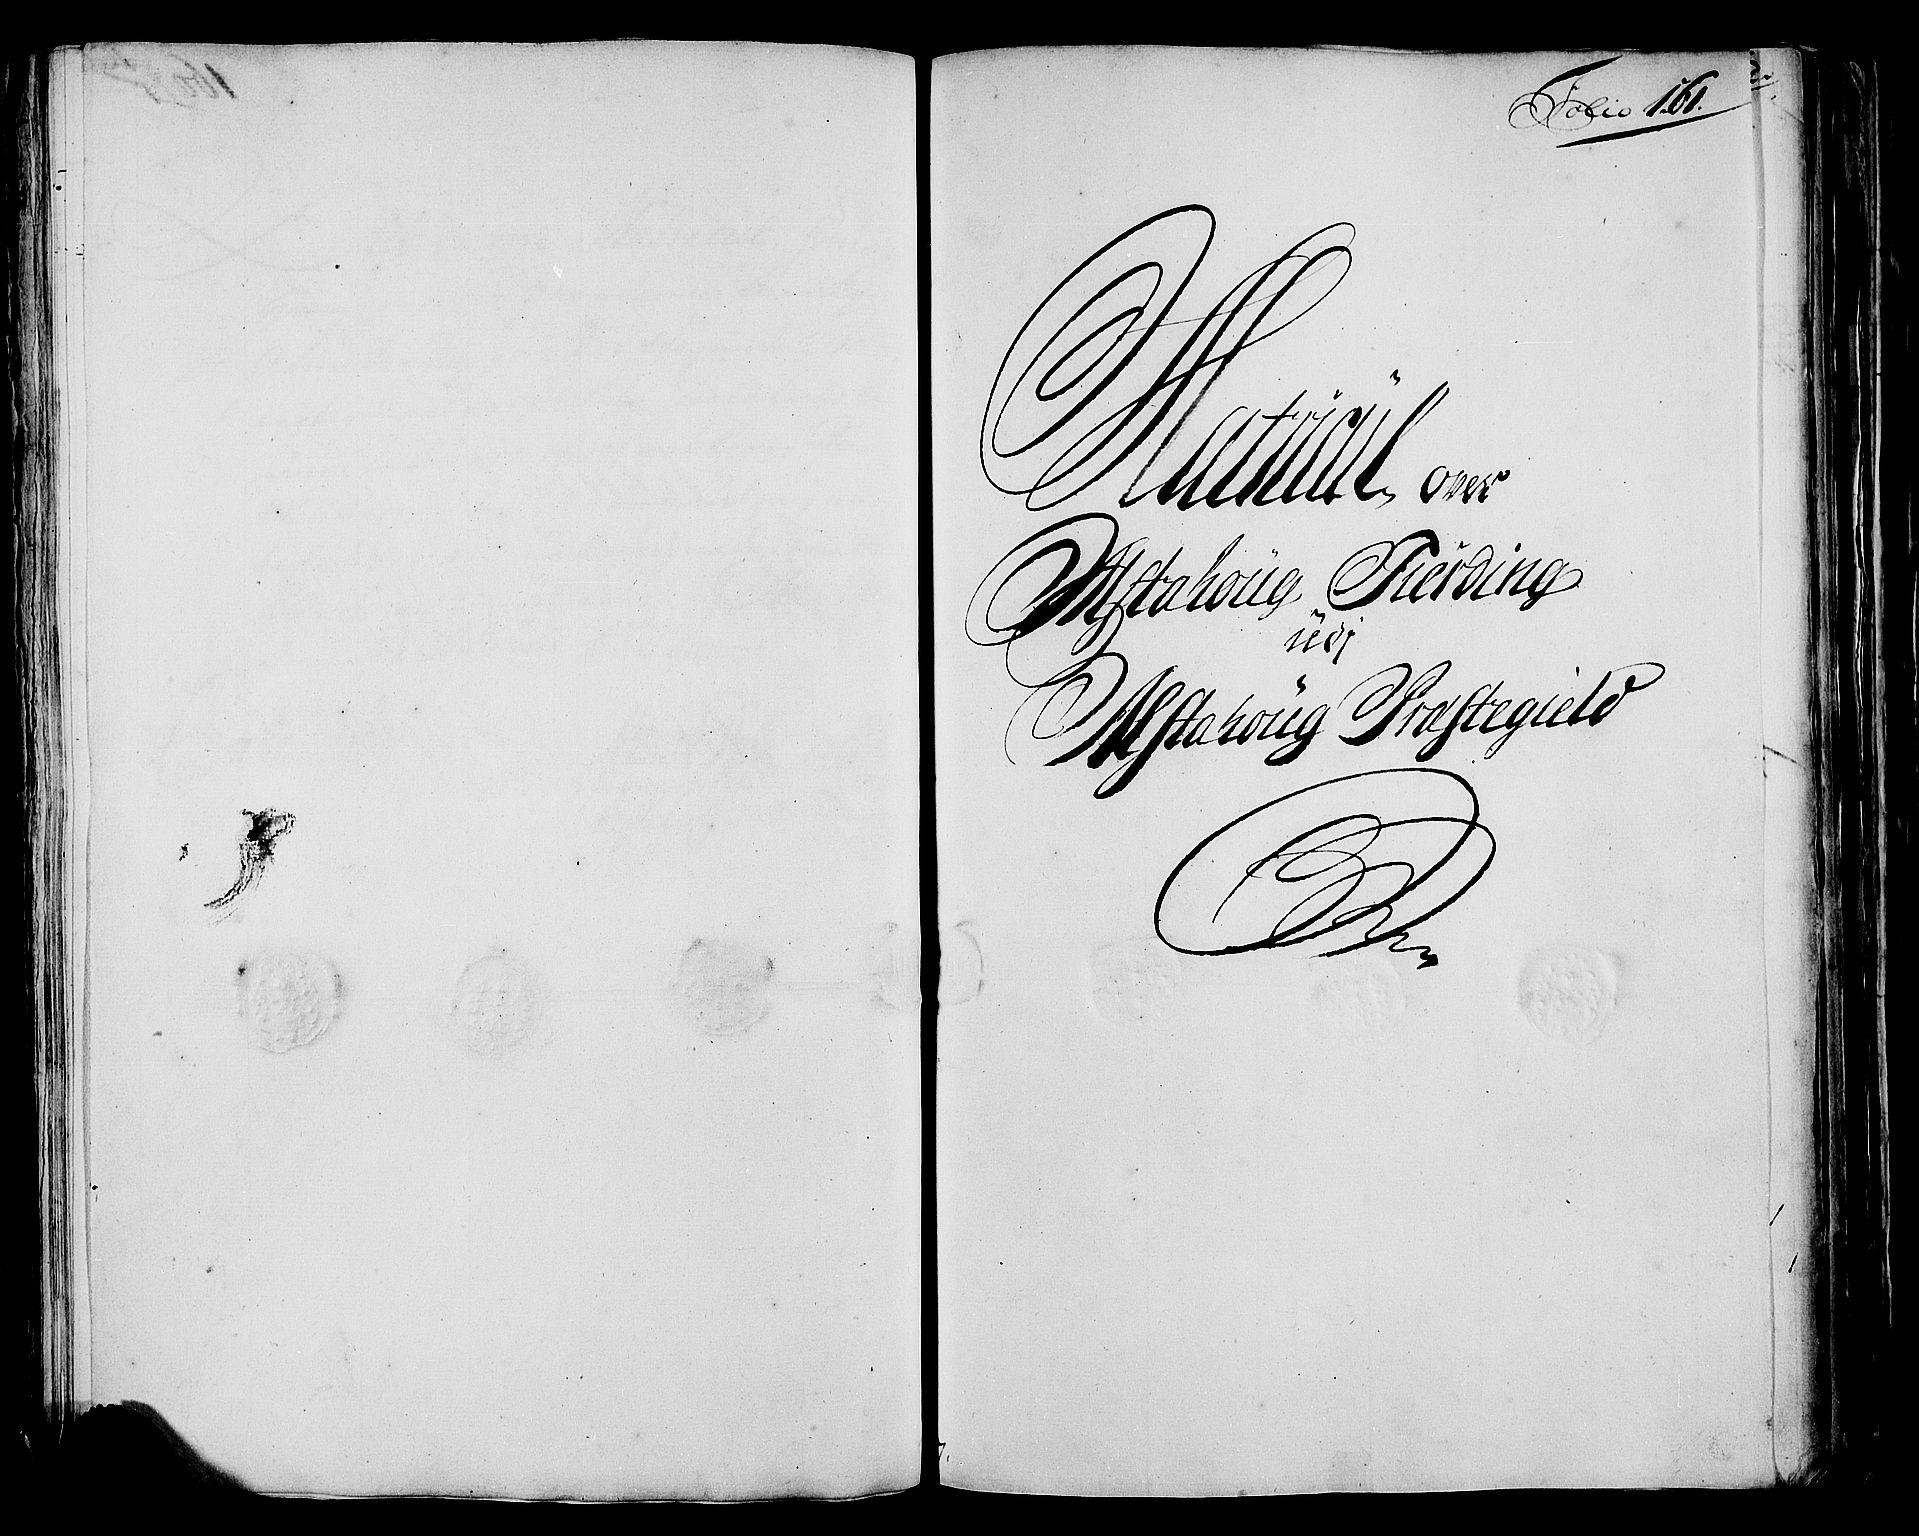 RA, Rentekammeret inntil 1814, Realistisk ordnet avdeling, N/Nb/Nbf/L0171: Helgeland matrikkelprotokoll, 1723, s. 160b-161a